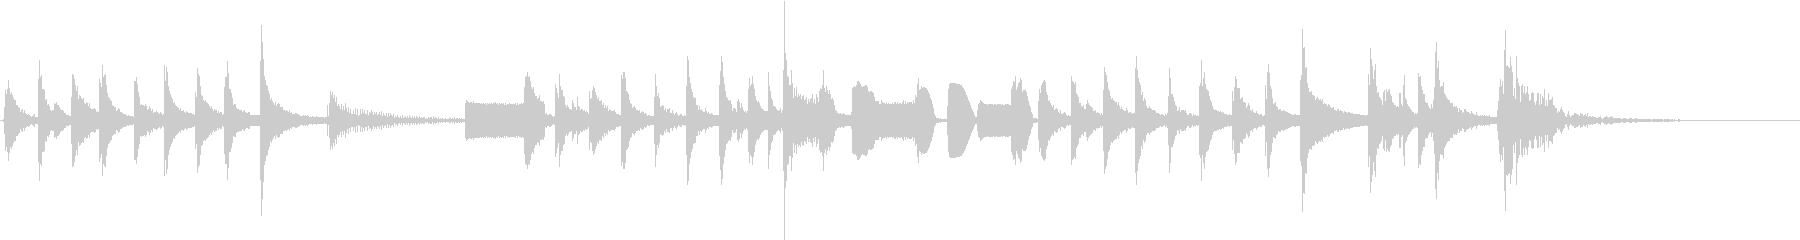 面白い追跡アクセントの未再生の波形